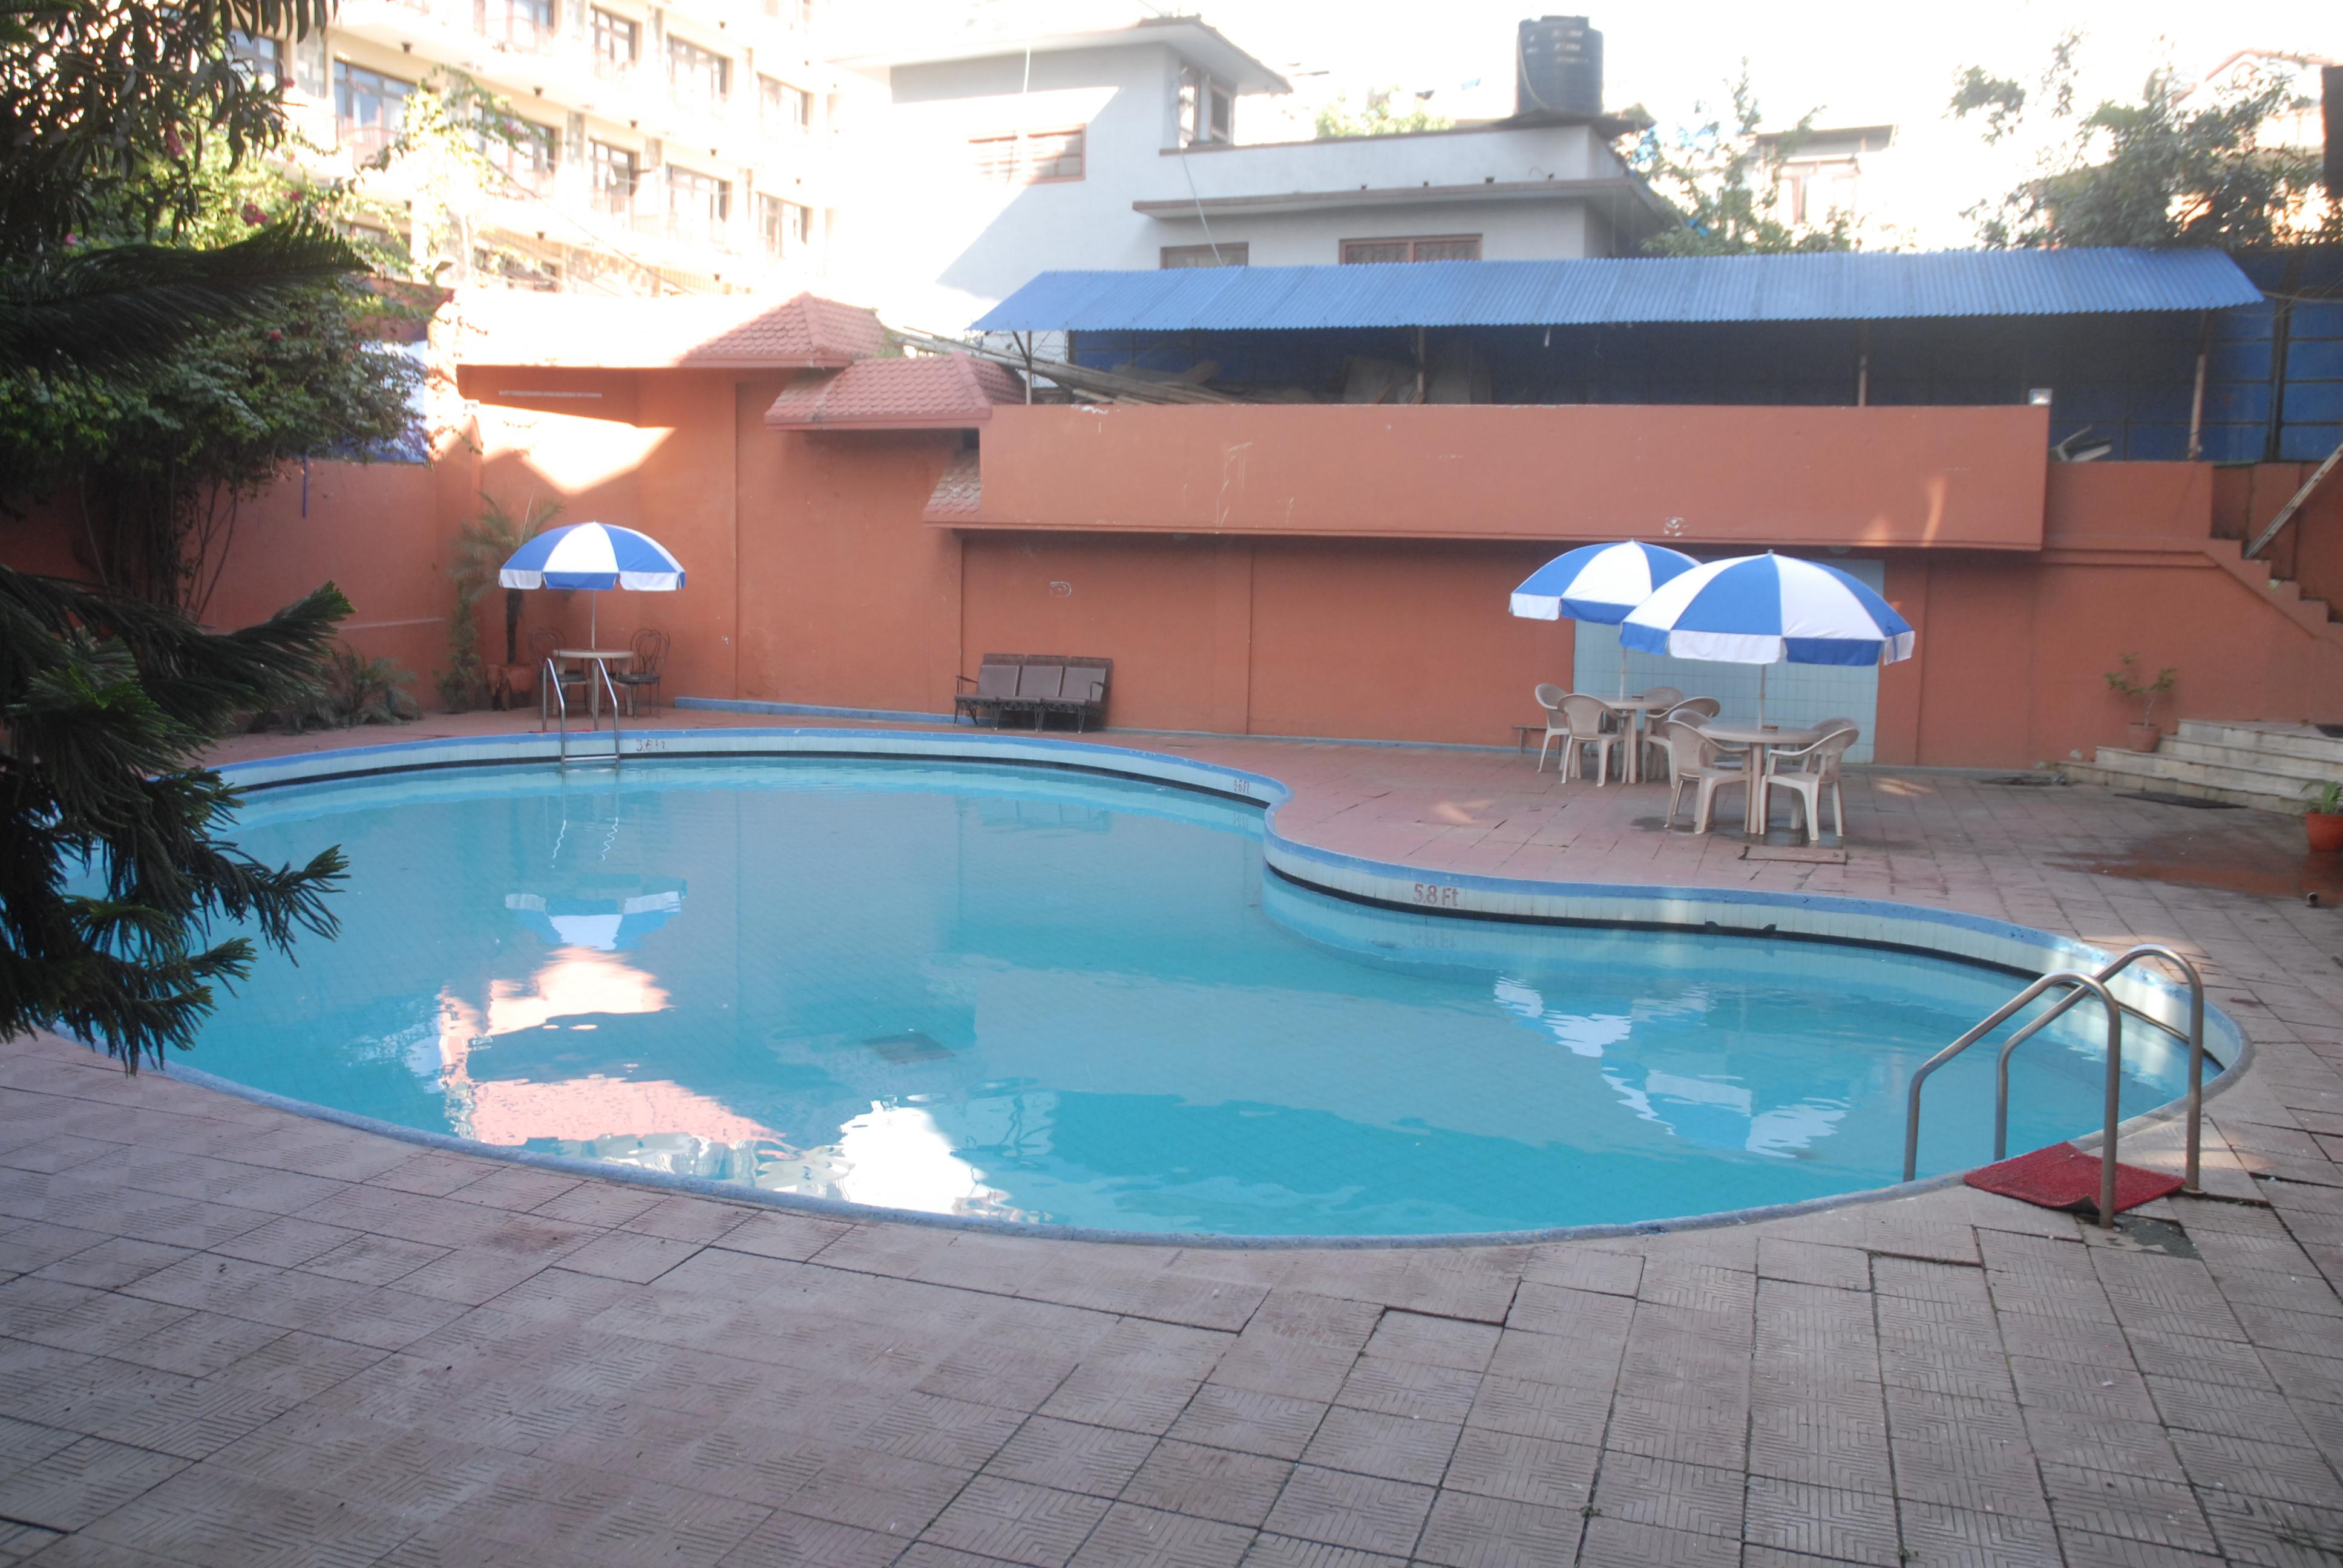 Swimming pool welcome to hotel vaishali - Swimming pool in vaishali ghaziabad ...